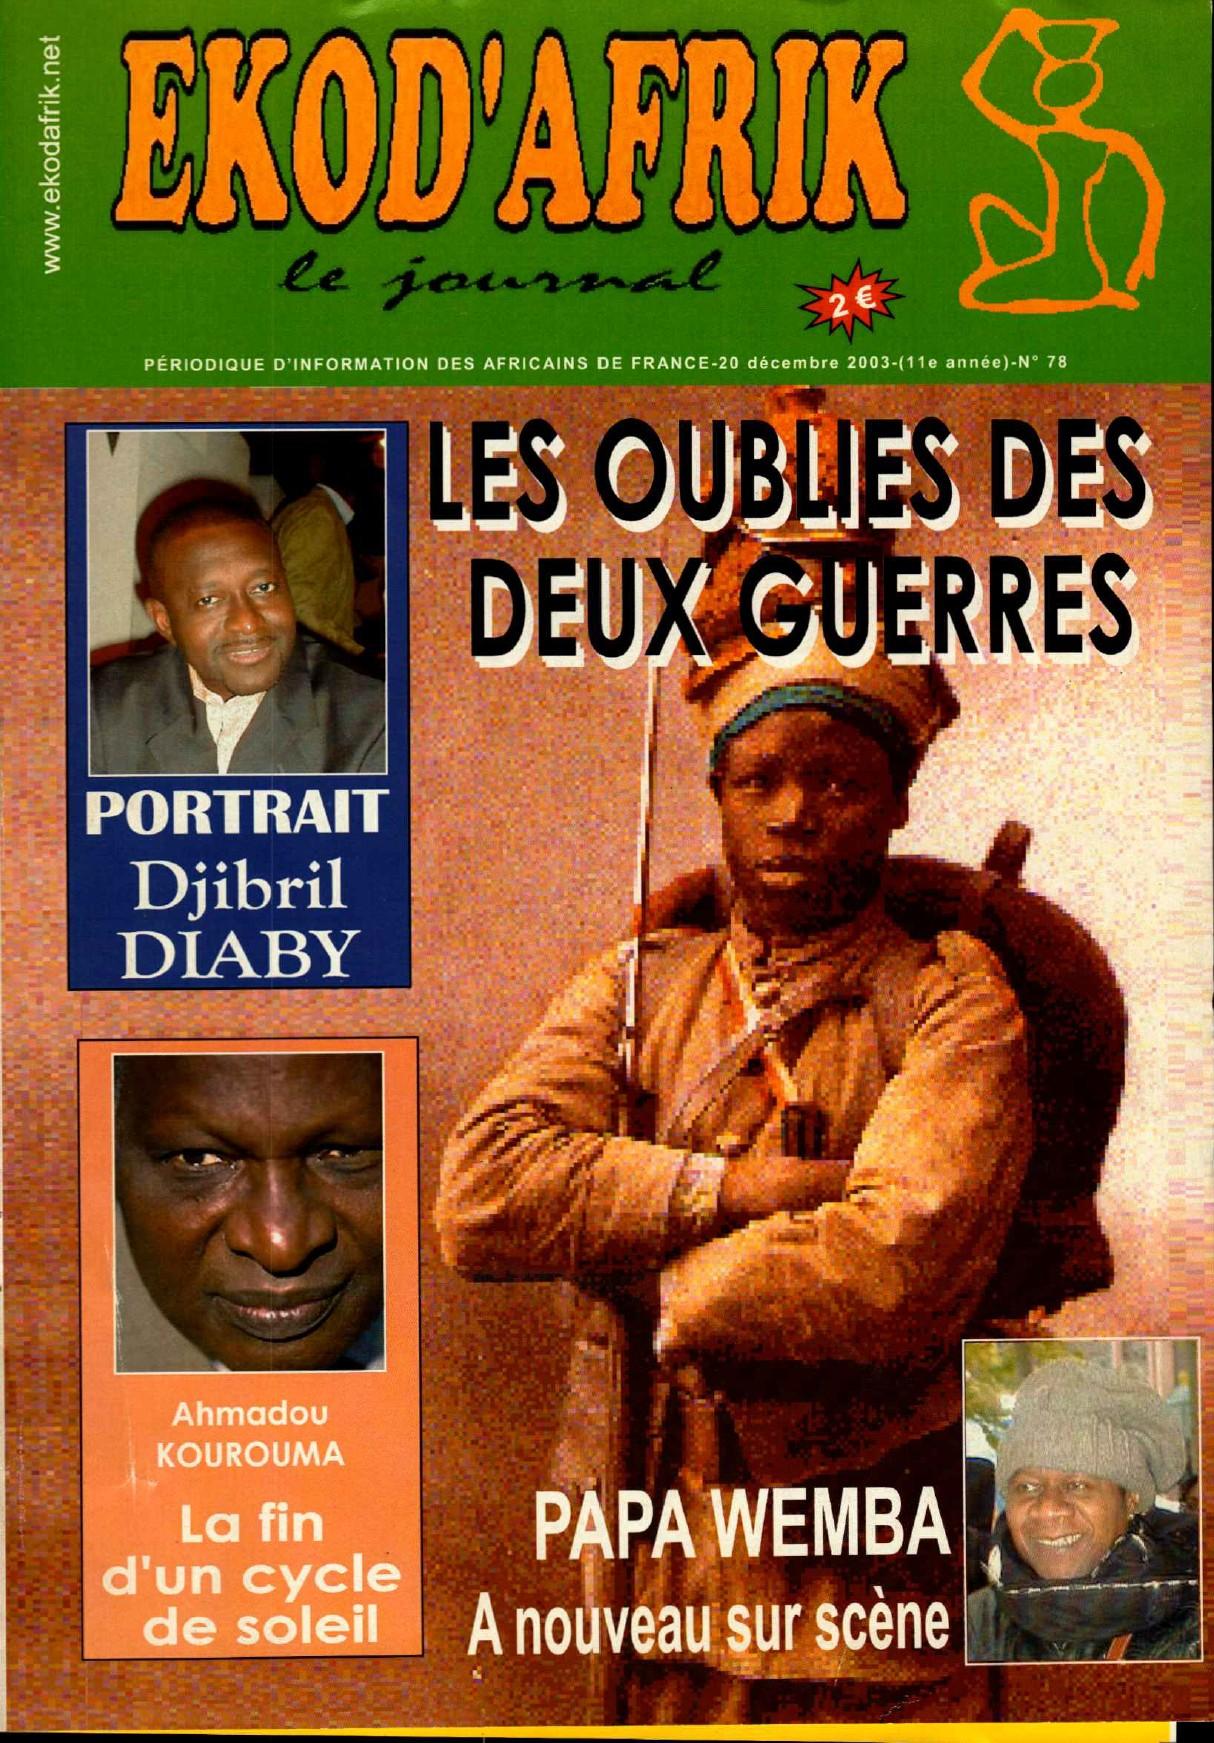 [ARCHIVES] «Les oubliés des deux guerres» Ekodafrik n°78 du 20 décembre 2003